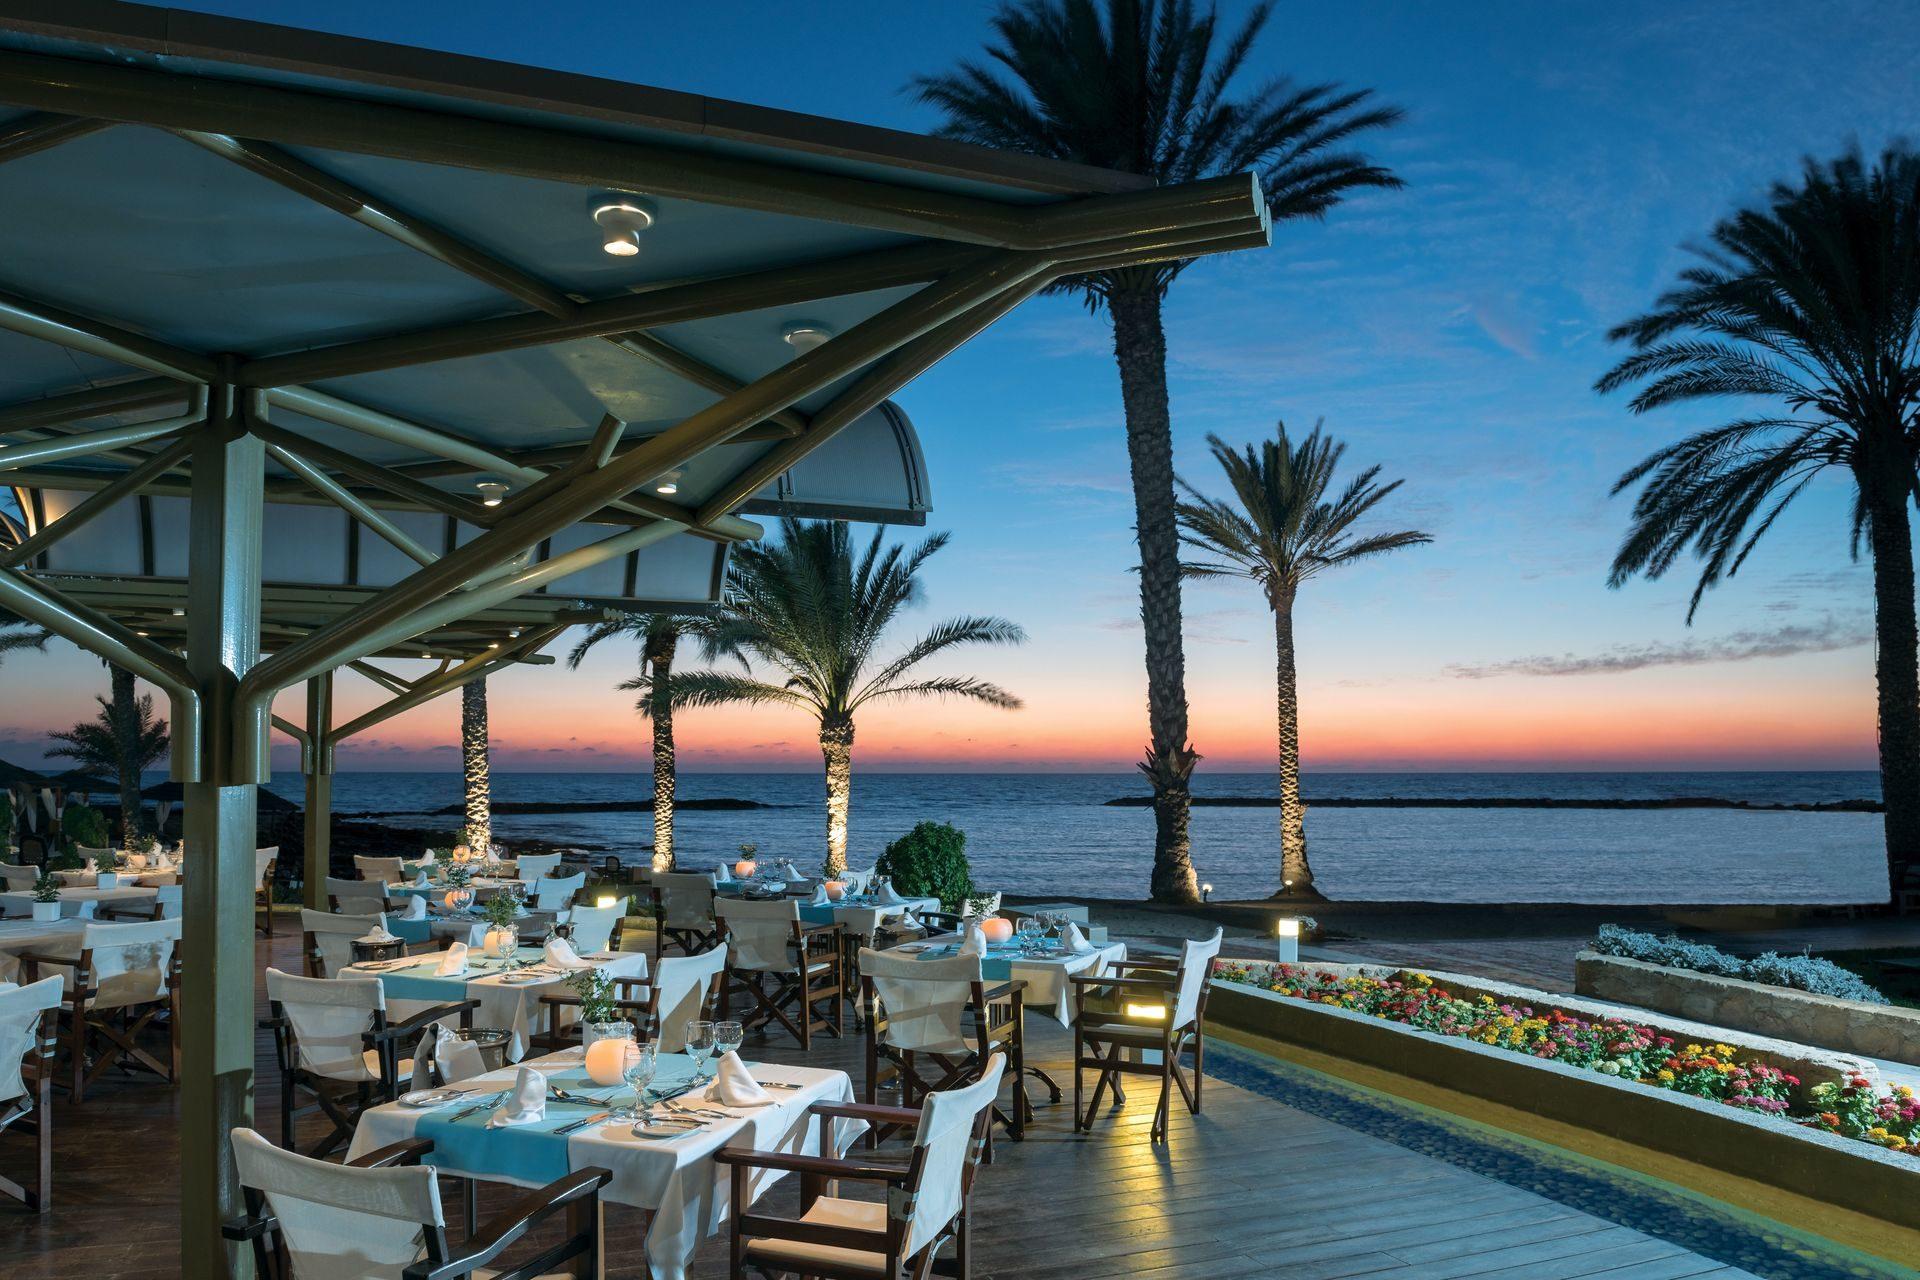 _12 pioneer beach hotel thalassa mediterranean restaurant_resized